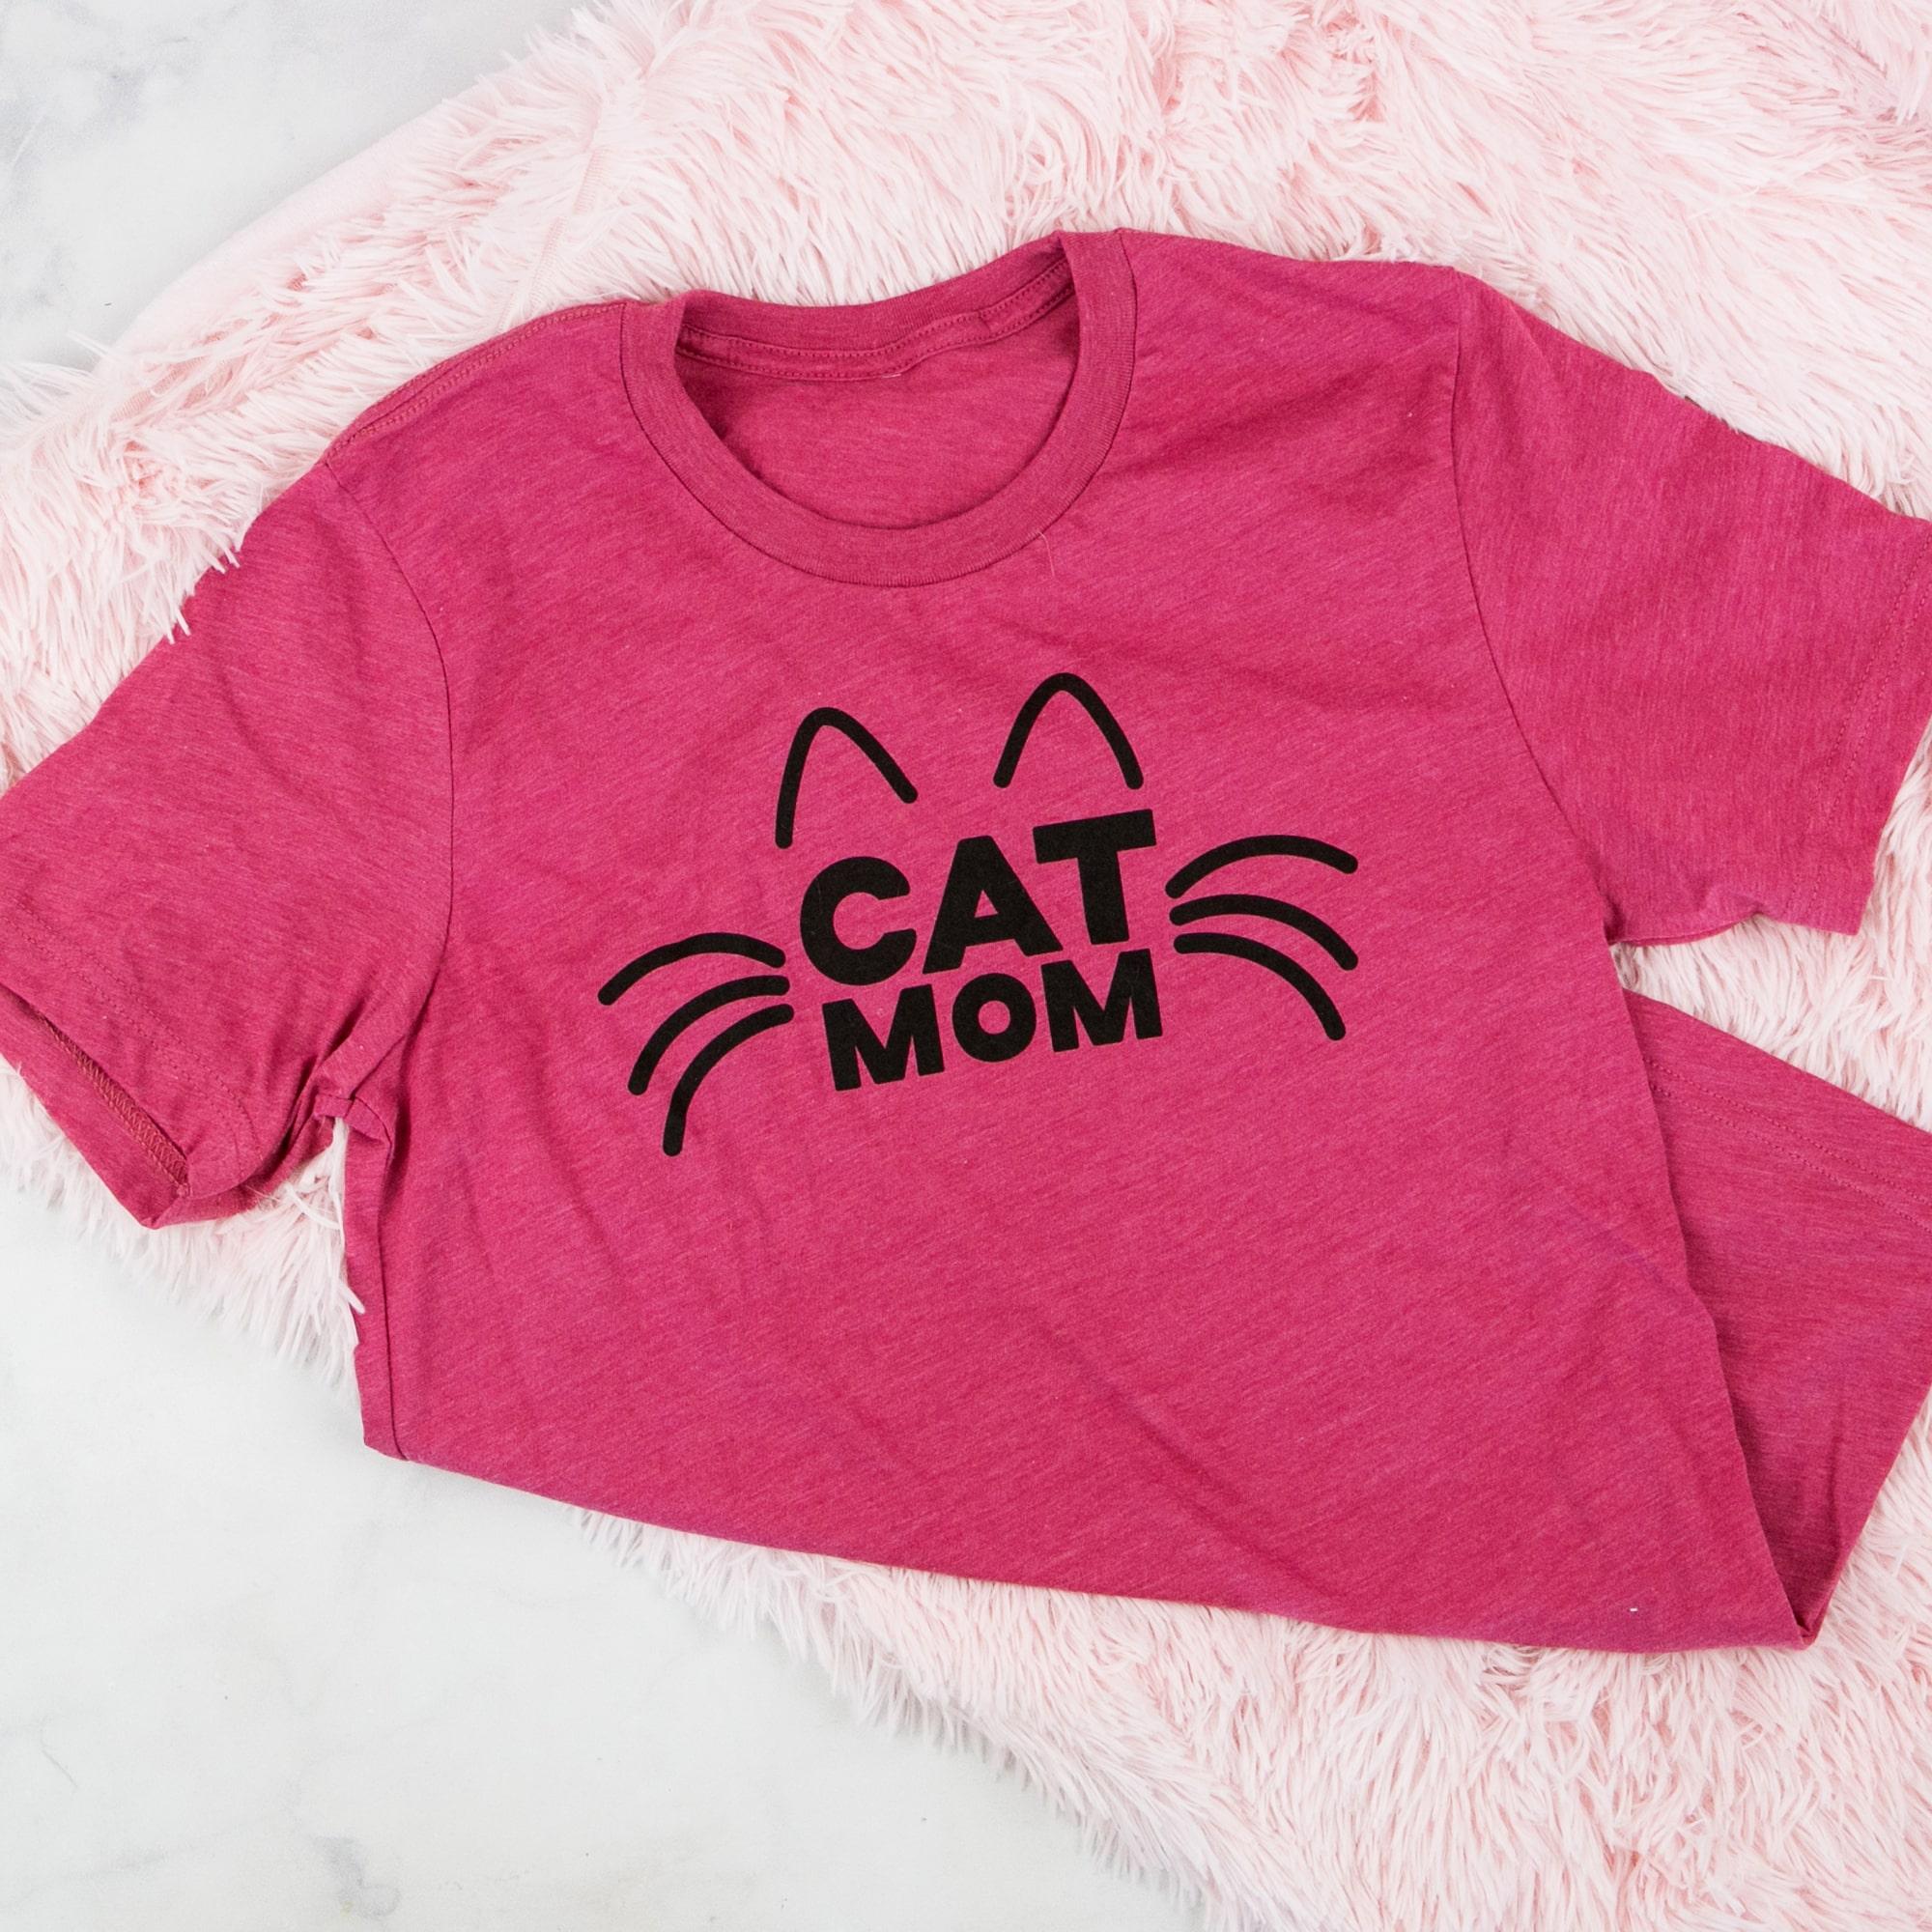 902b8e0f2 ... Cat Mom T-Shirt. 1/2. PreviousNext. Loading